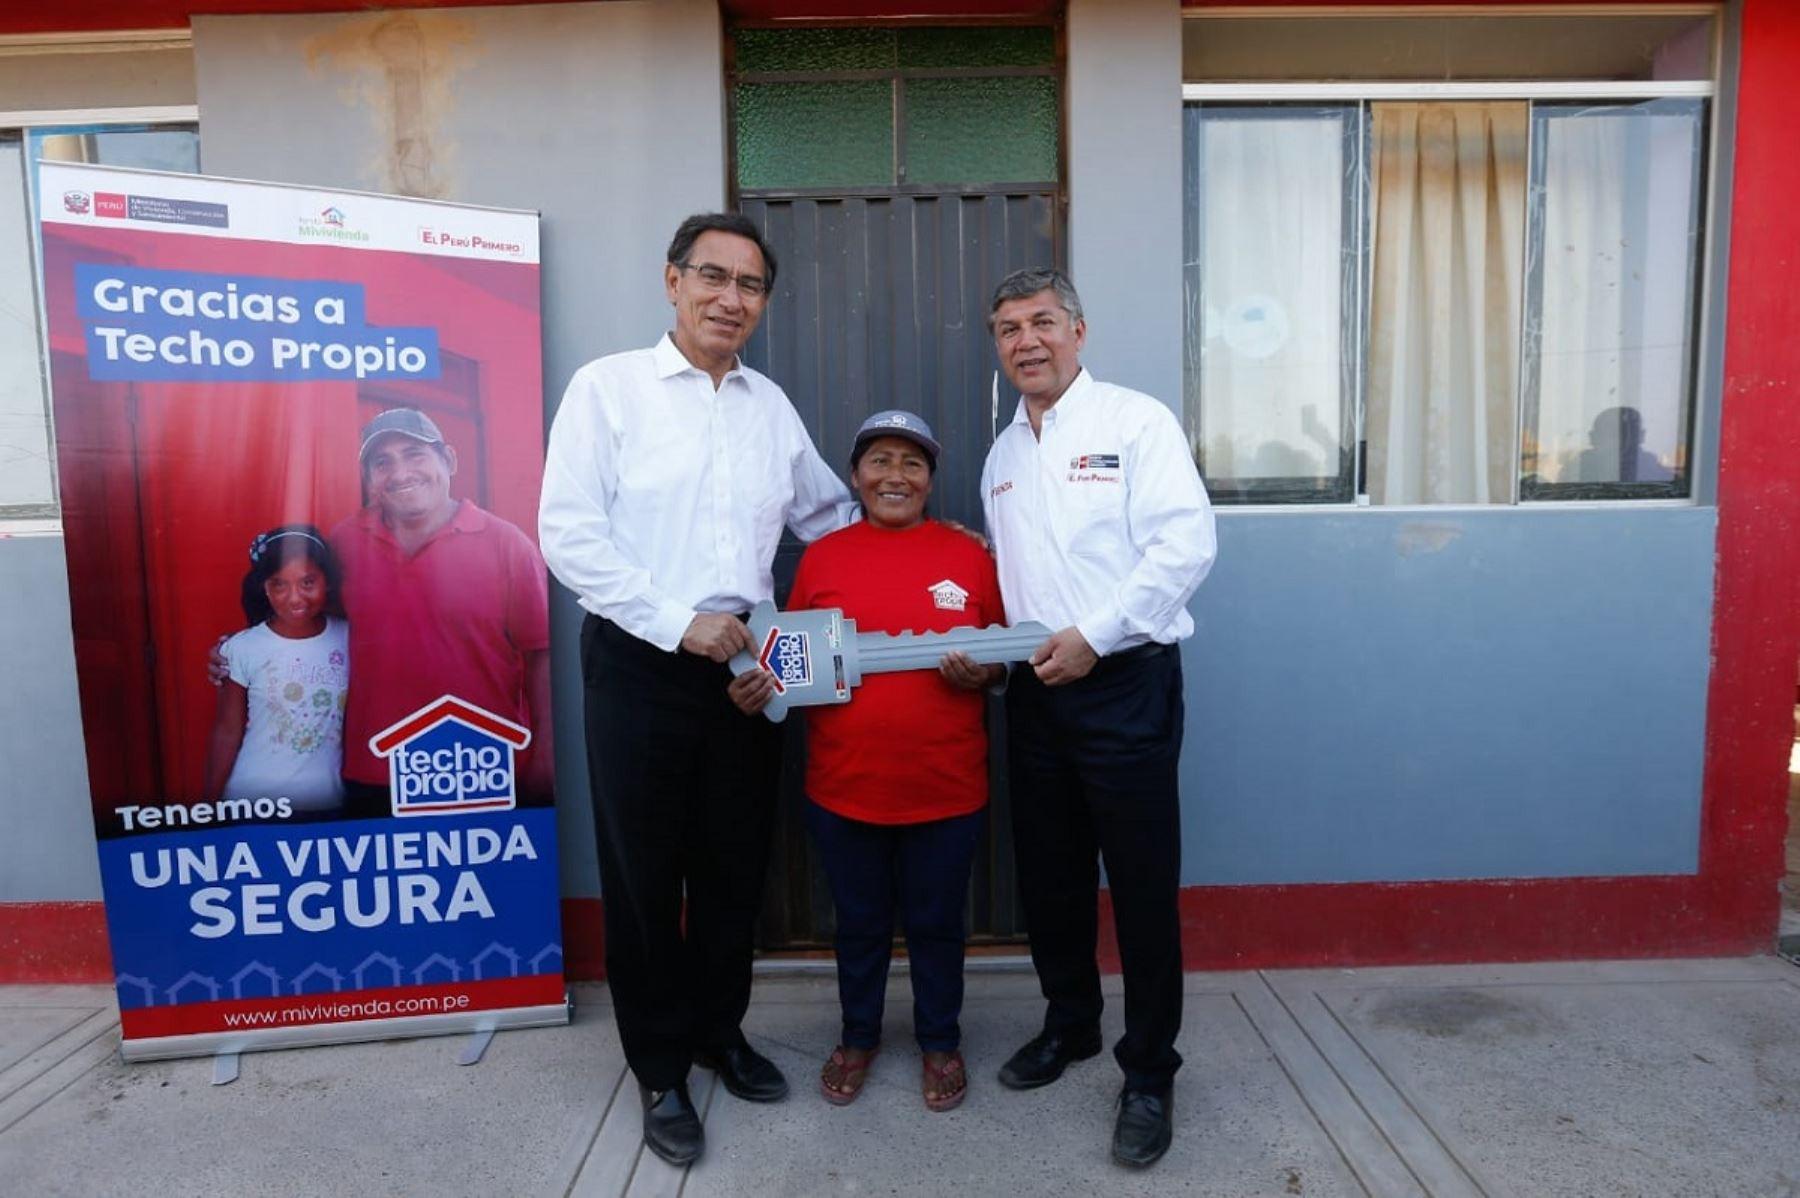 Presidente Martín Vizcarra y ministro de Vivienda, Construcción y Saneamiento, Miguel Estrada, entregan viviendas en Tacna. Foto: Cortesía.